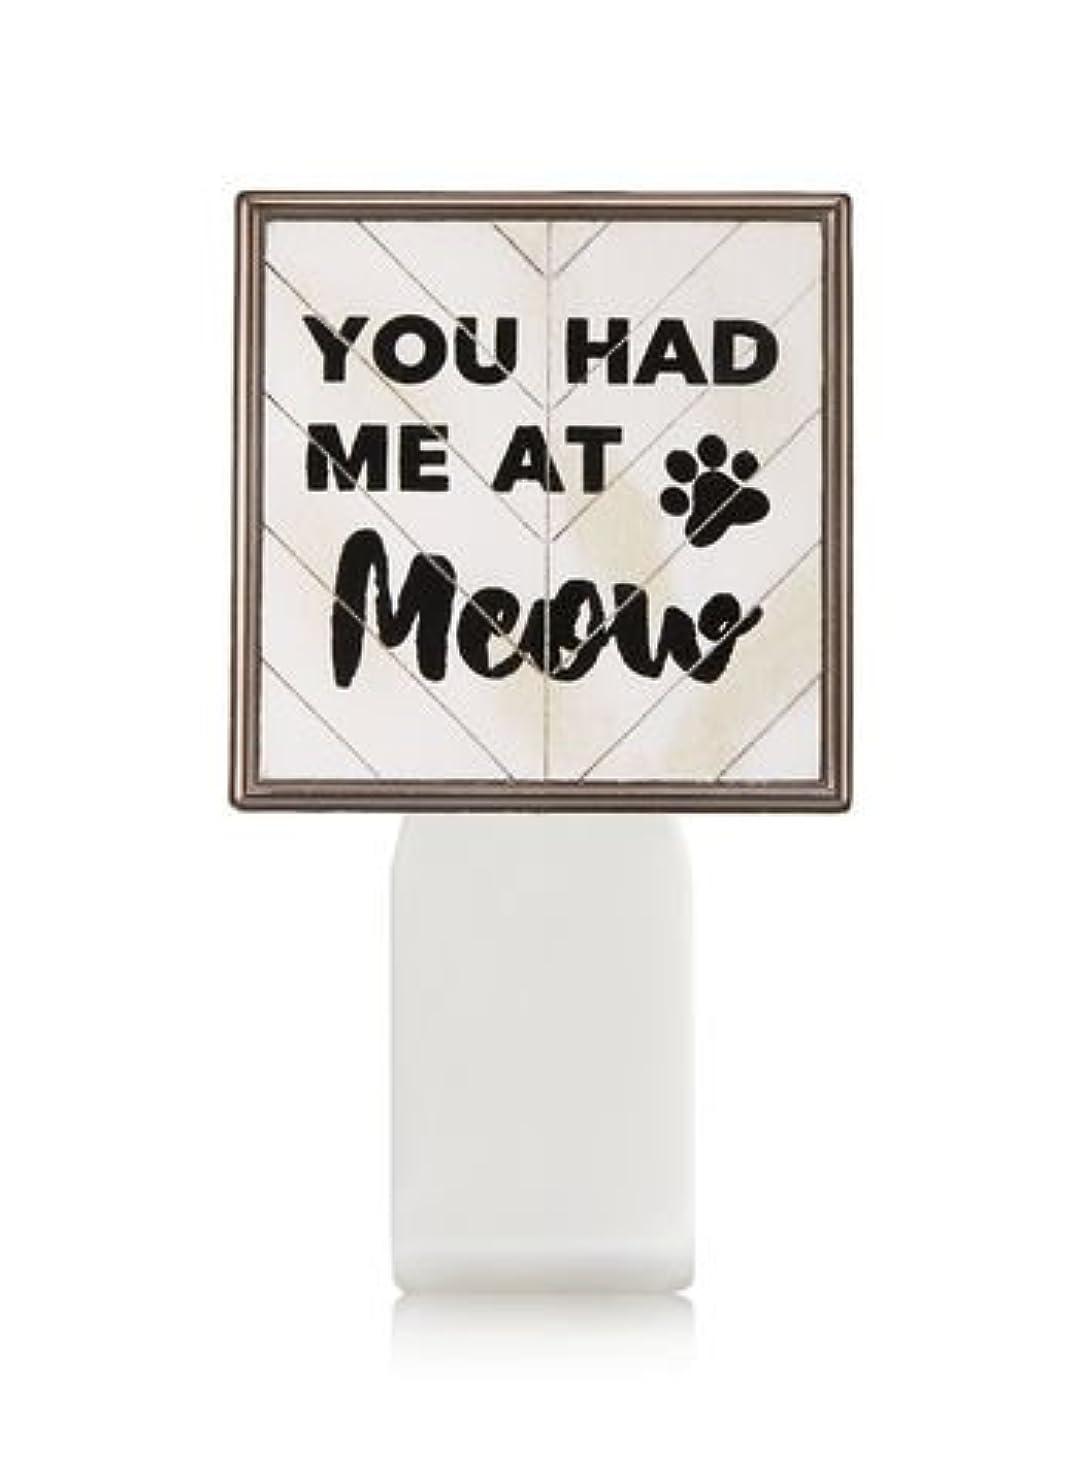 急速な階プロフィール【Bath&Body Works/バス&ボディワークス】 ルームフレグランス プラグインスターター (本体のみ) キャット シールド Wallflowers Fragrance Plug You Had Me At Meow [並行輸入品]